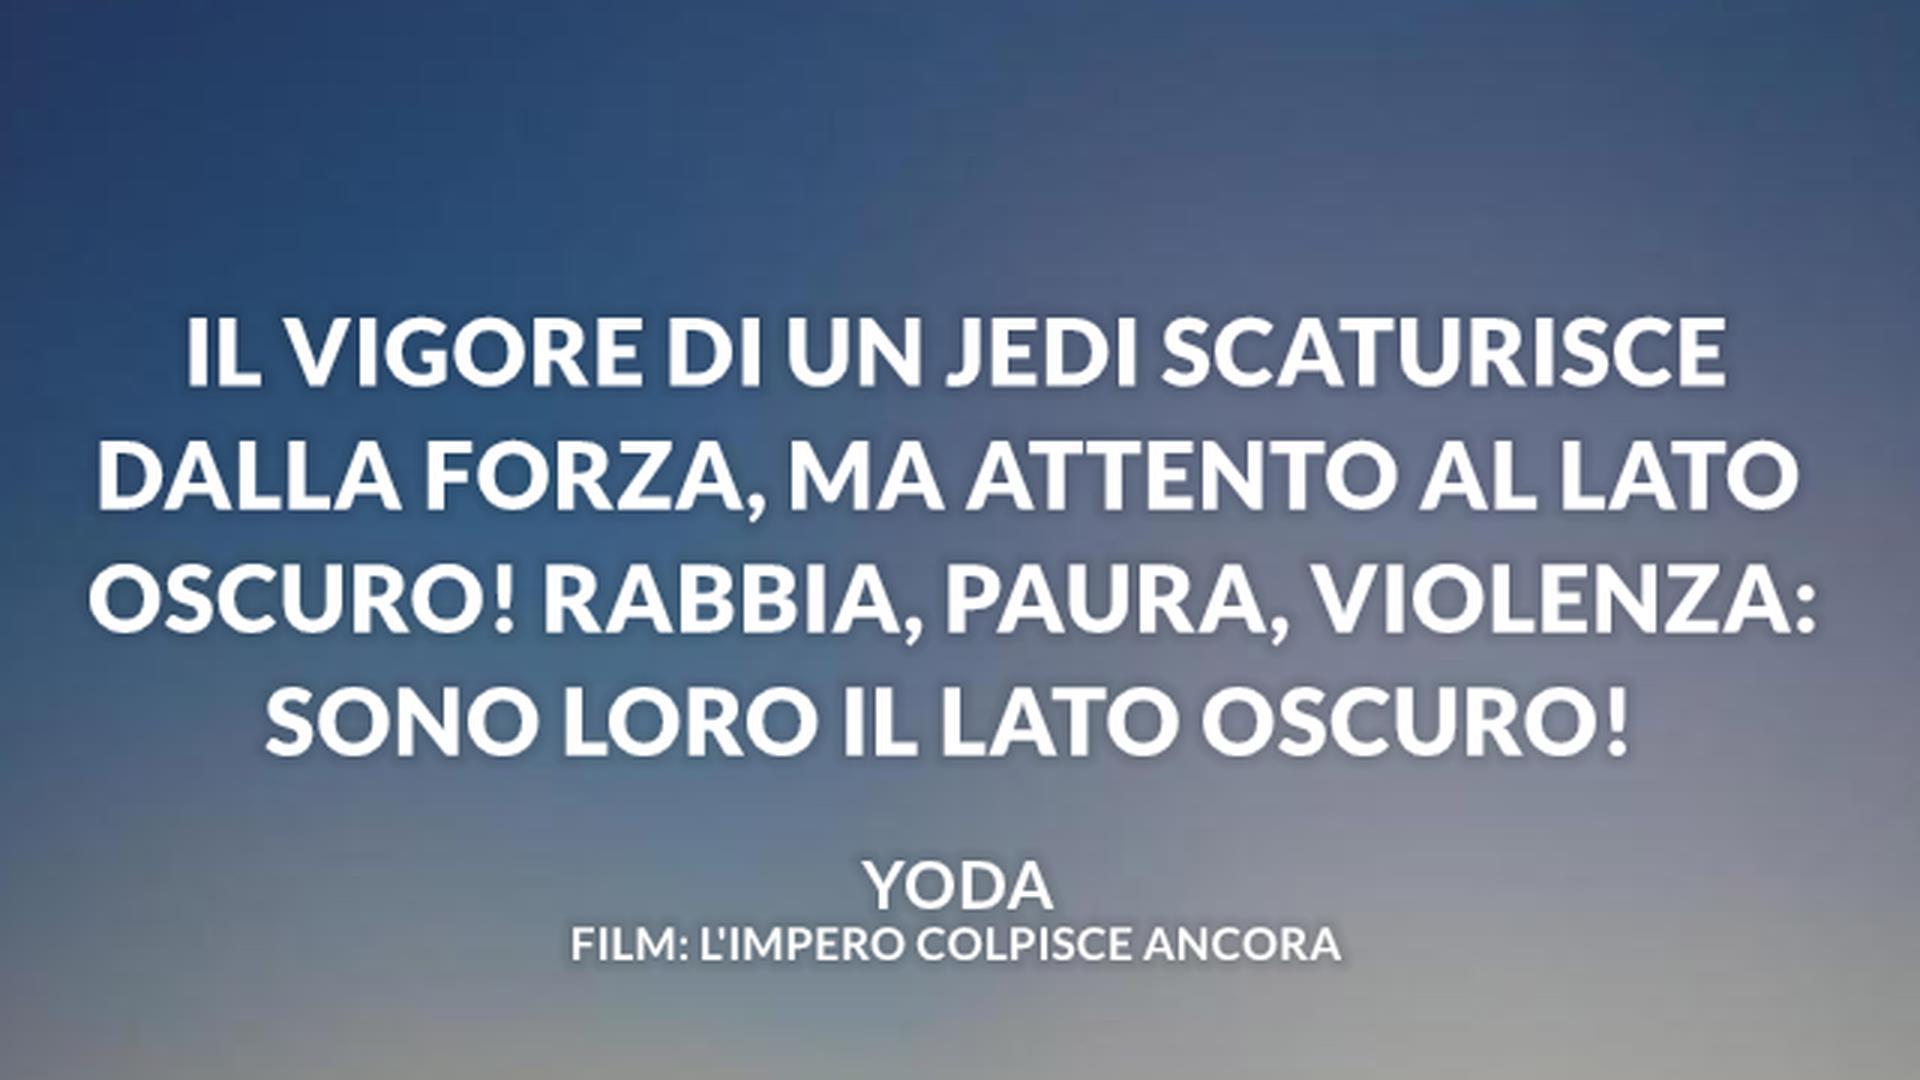 Le Frasi Celebri Del Maestro Yoda Piu Belle E Sagge Di Star Wars